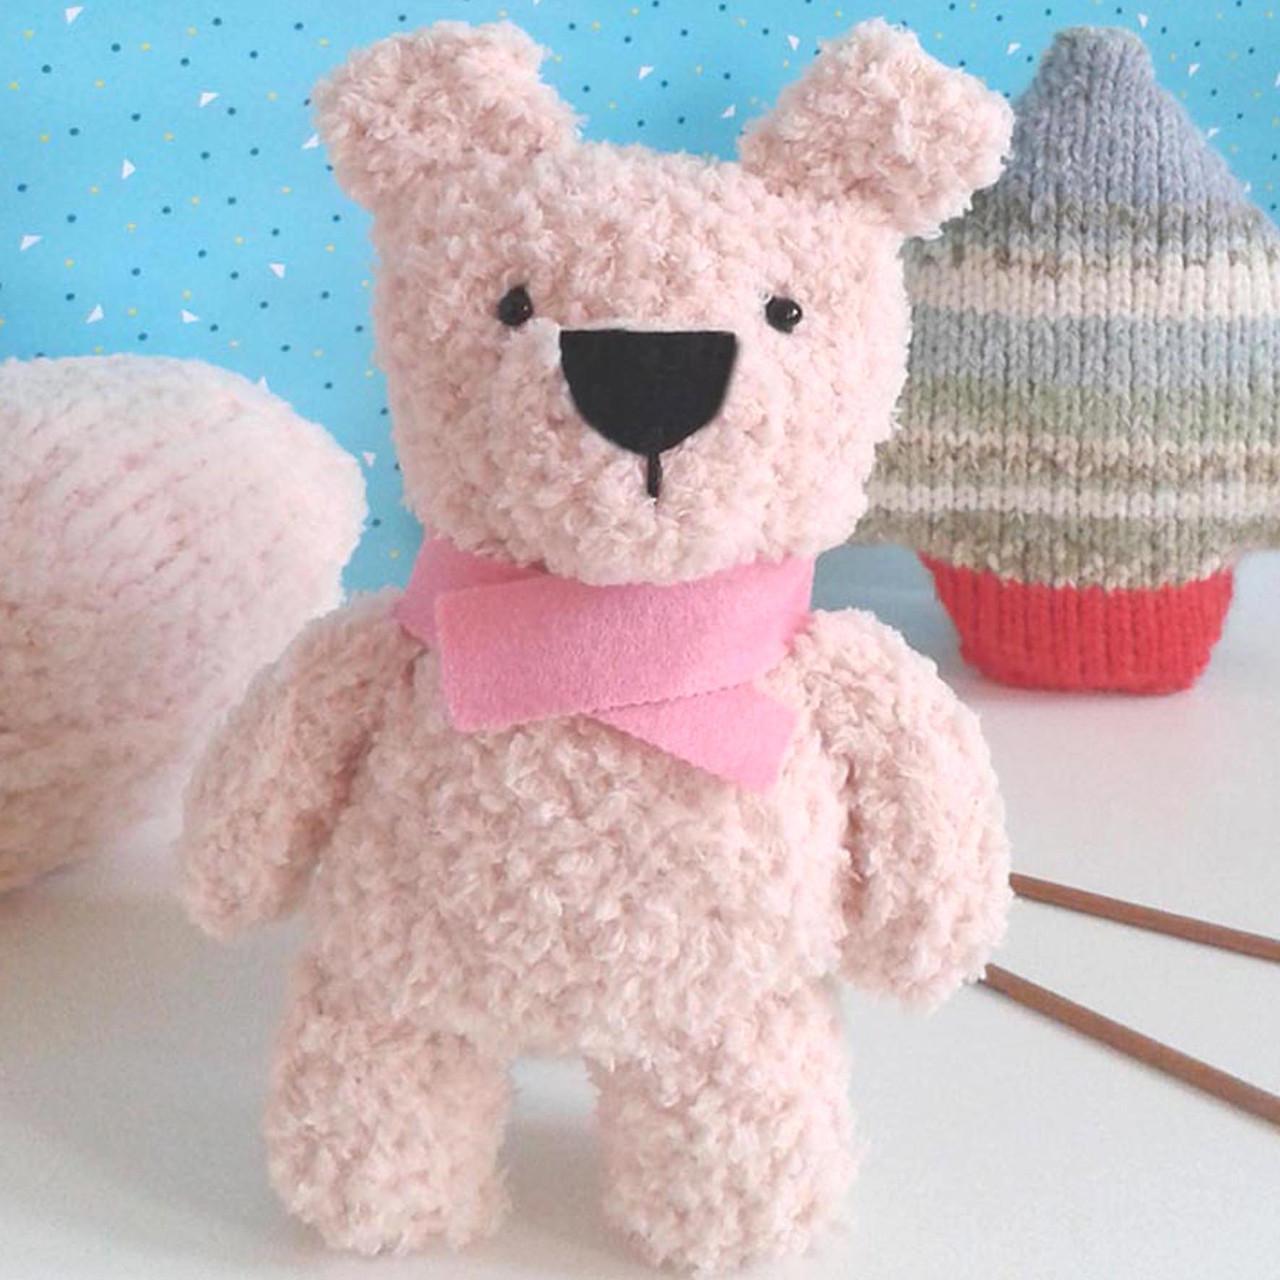 Fluffy Teddy Bear Knitting Pattern